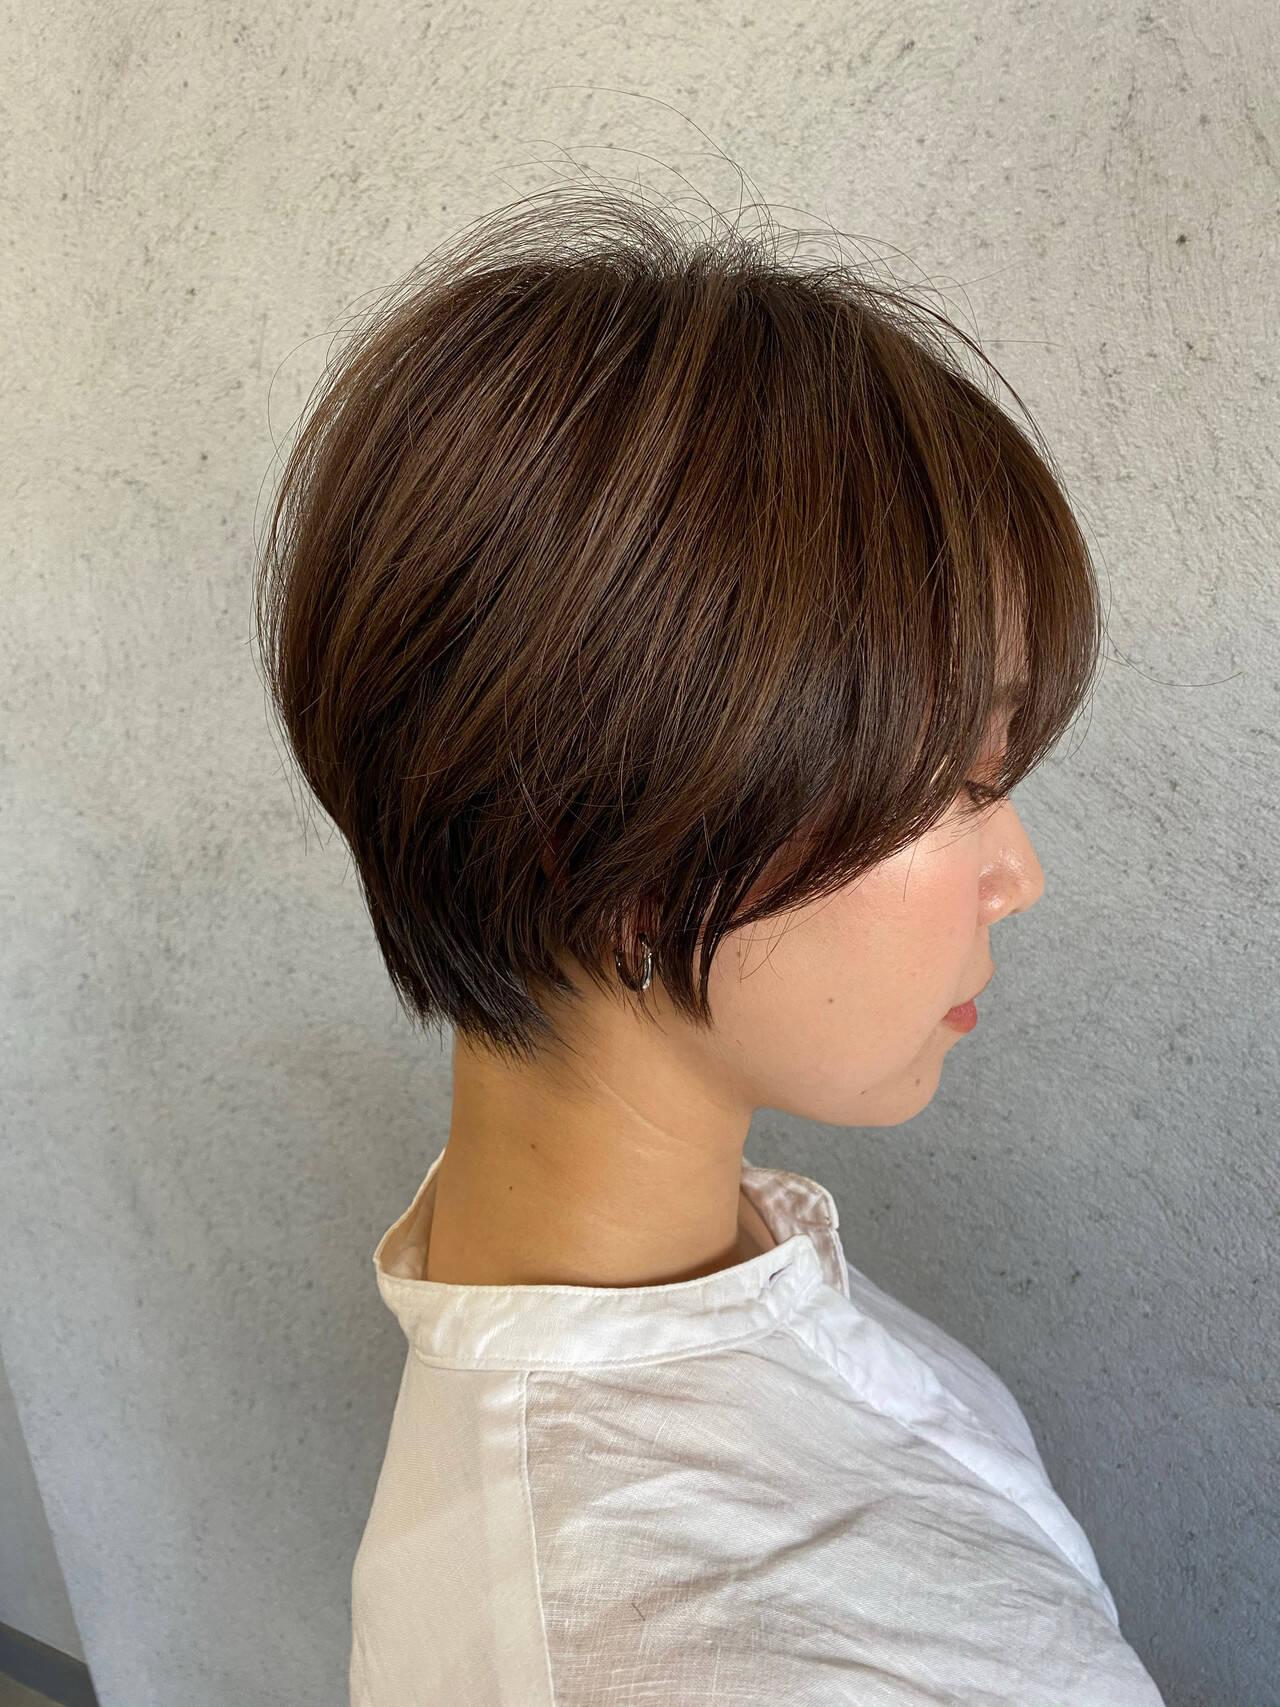 ベリーショート ナチュラル ショートヘア ミニボブヘアスタイルや髪型の写真・画像